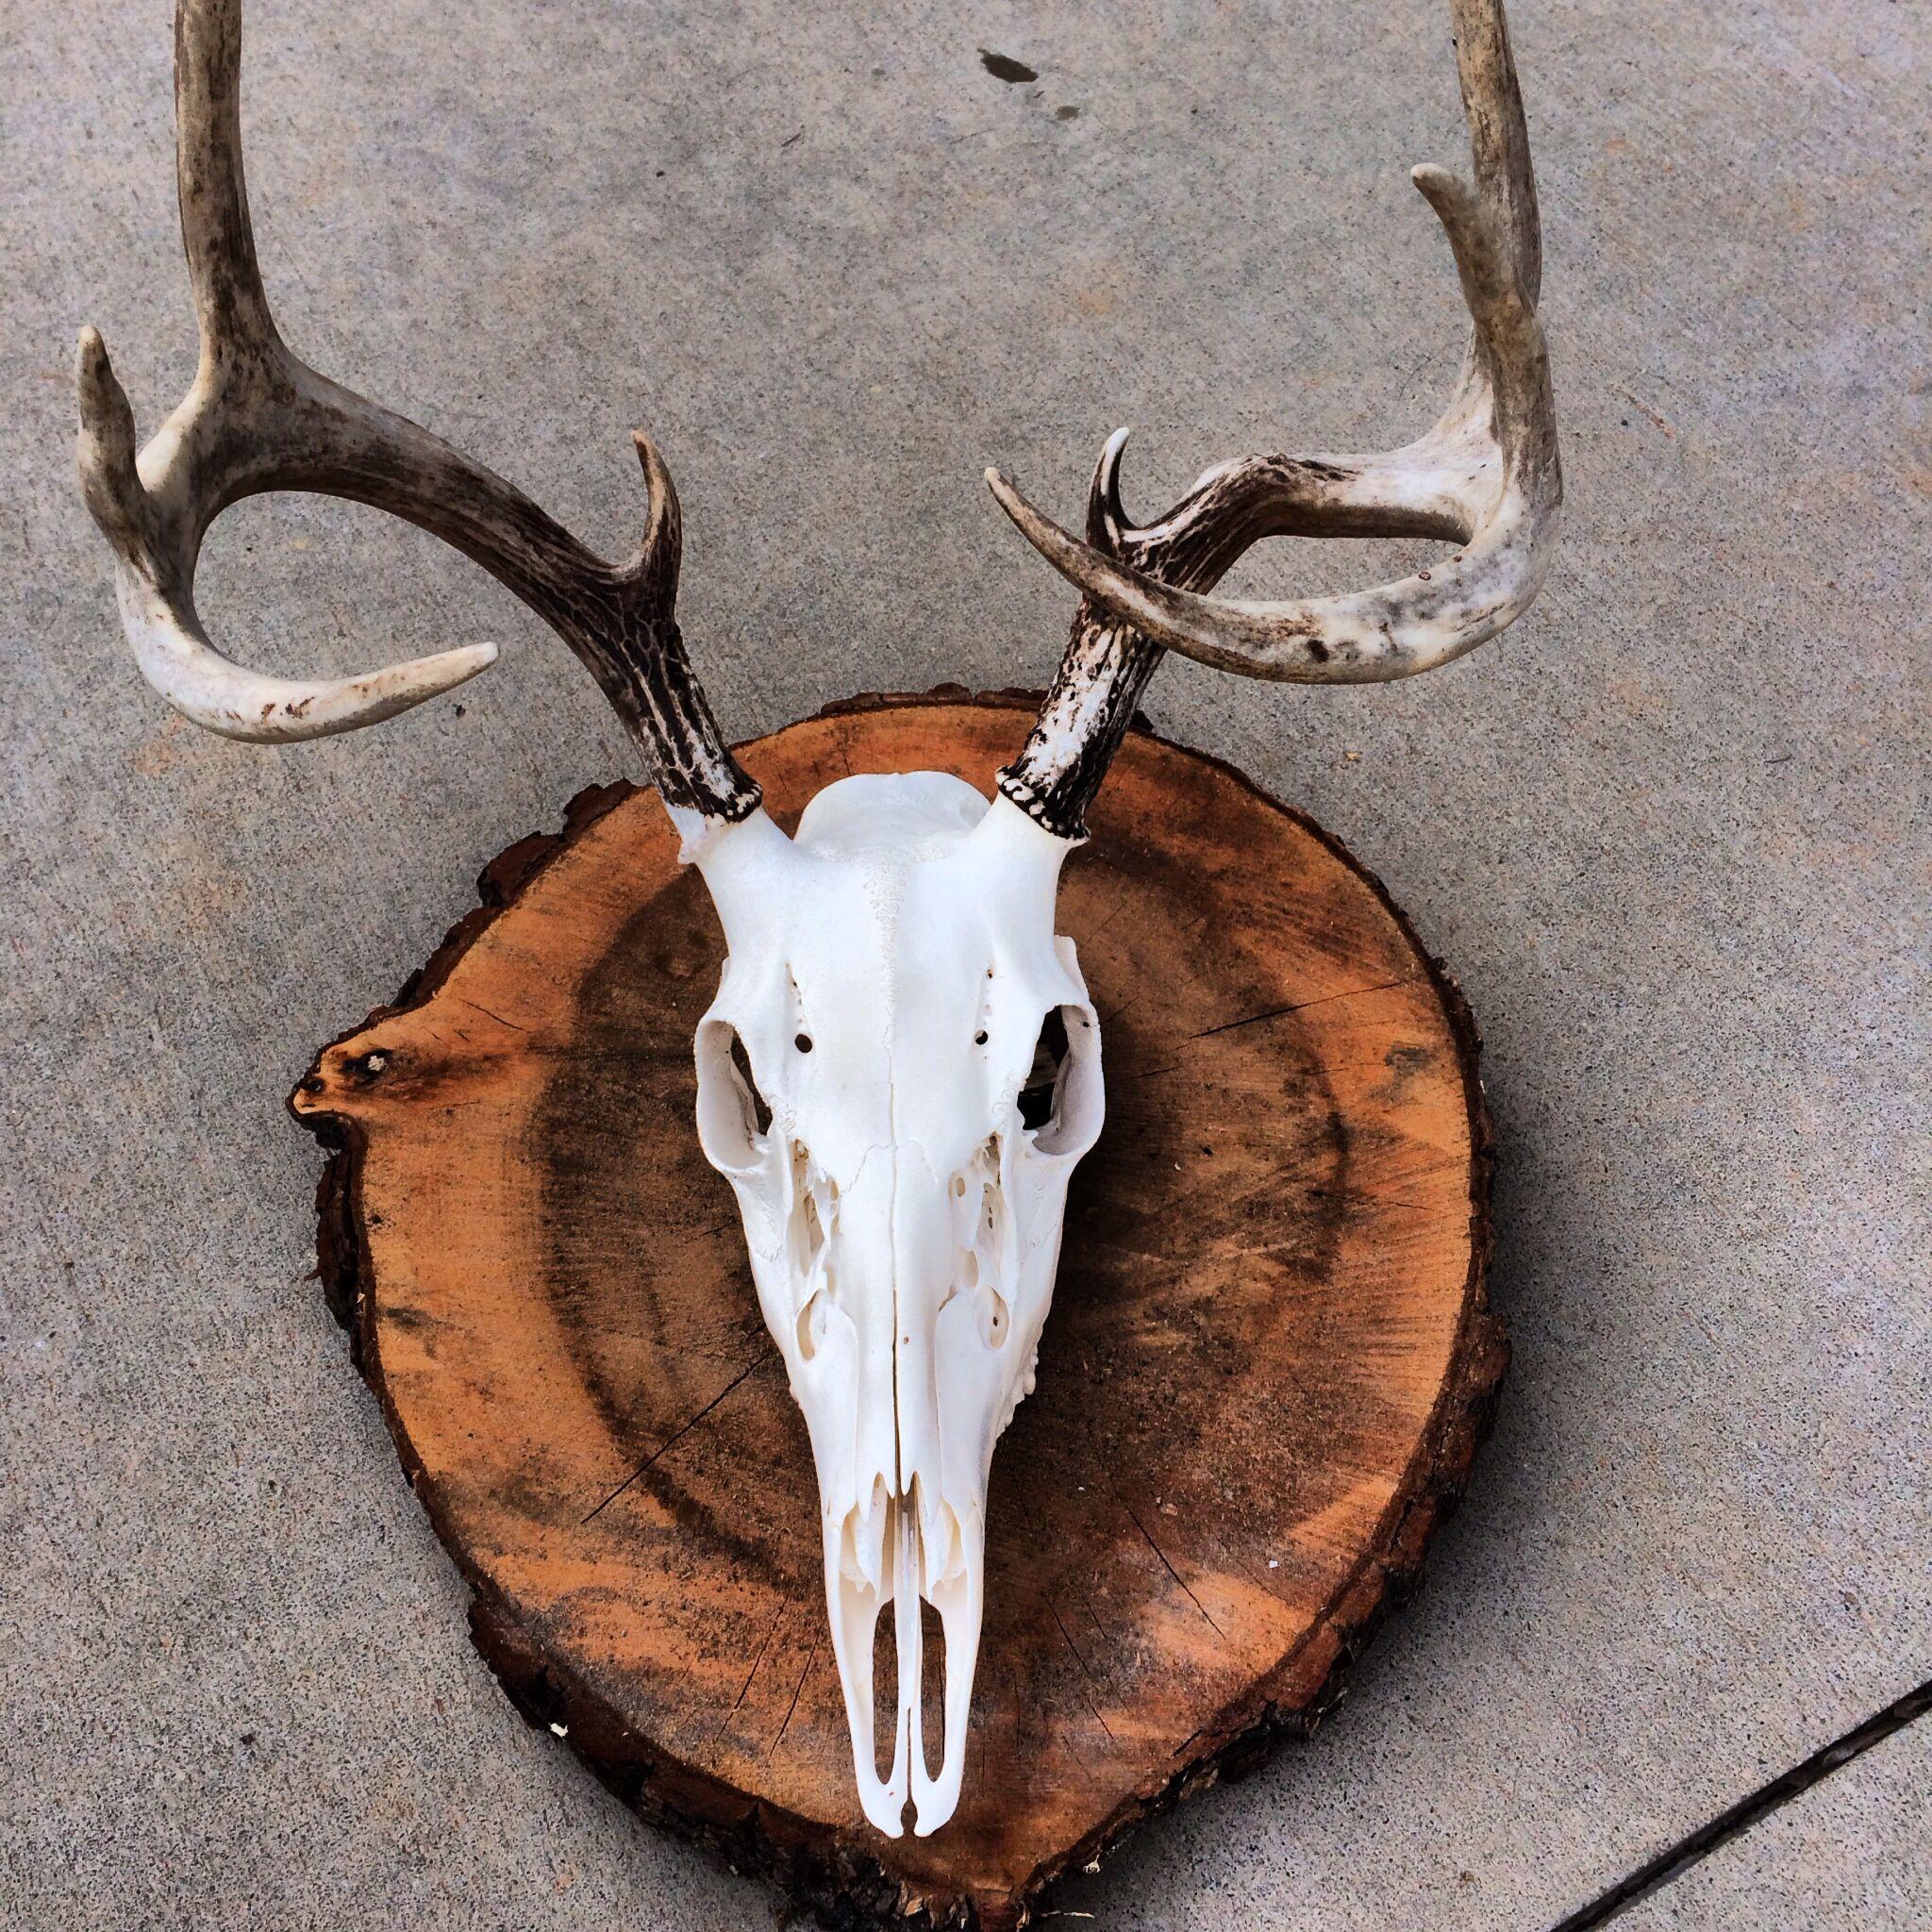 Deer skull mount ideas - European Mount From Sweet Gum Log Deer Skullsdeer